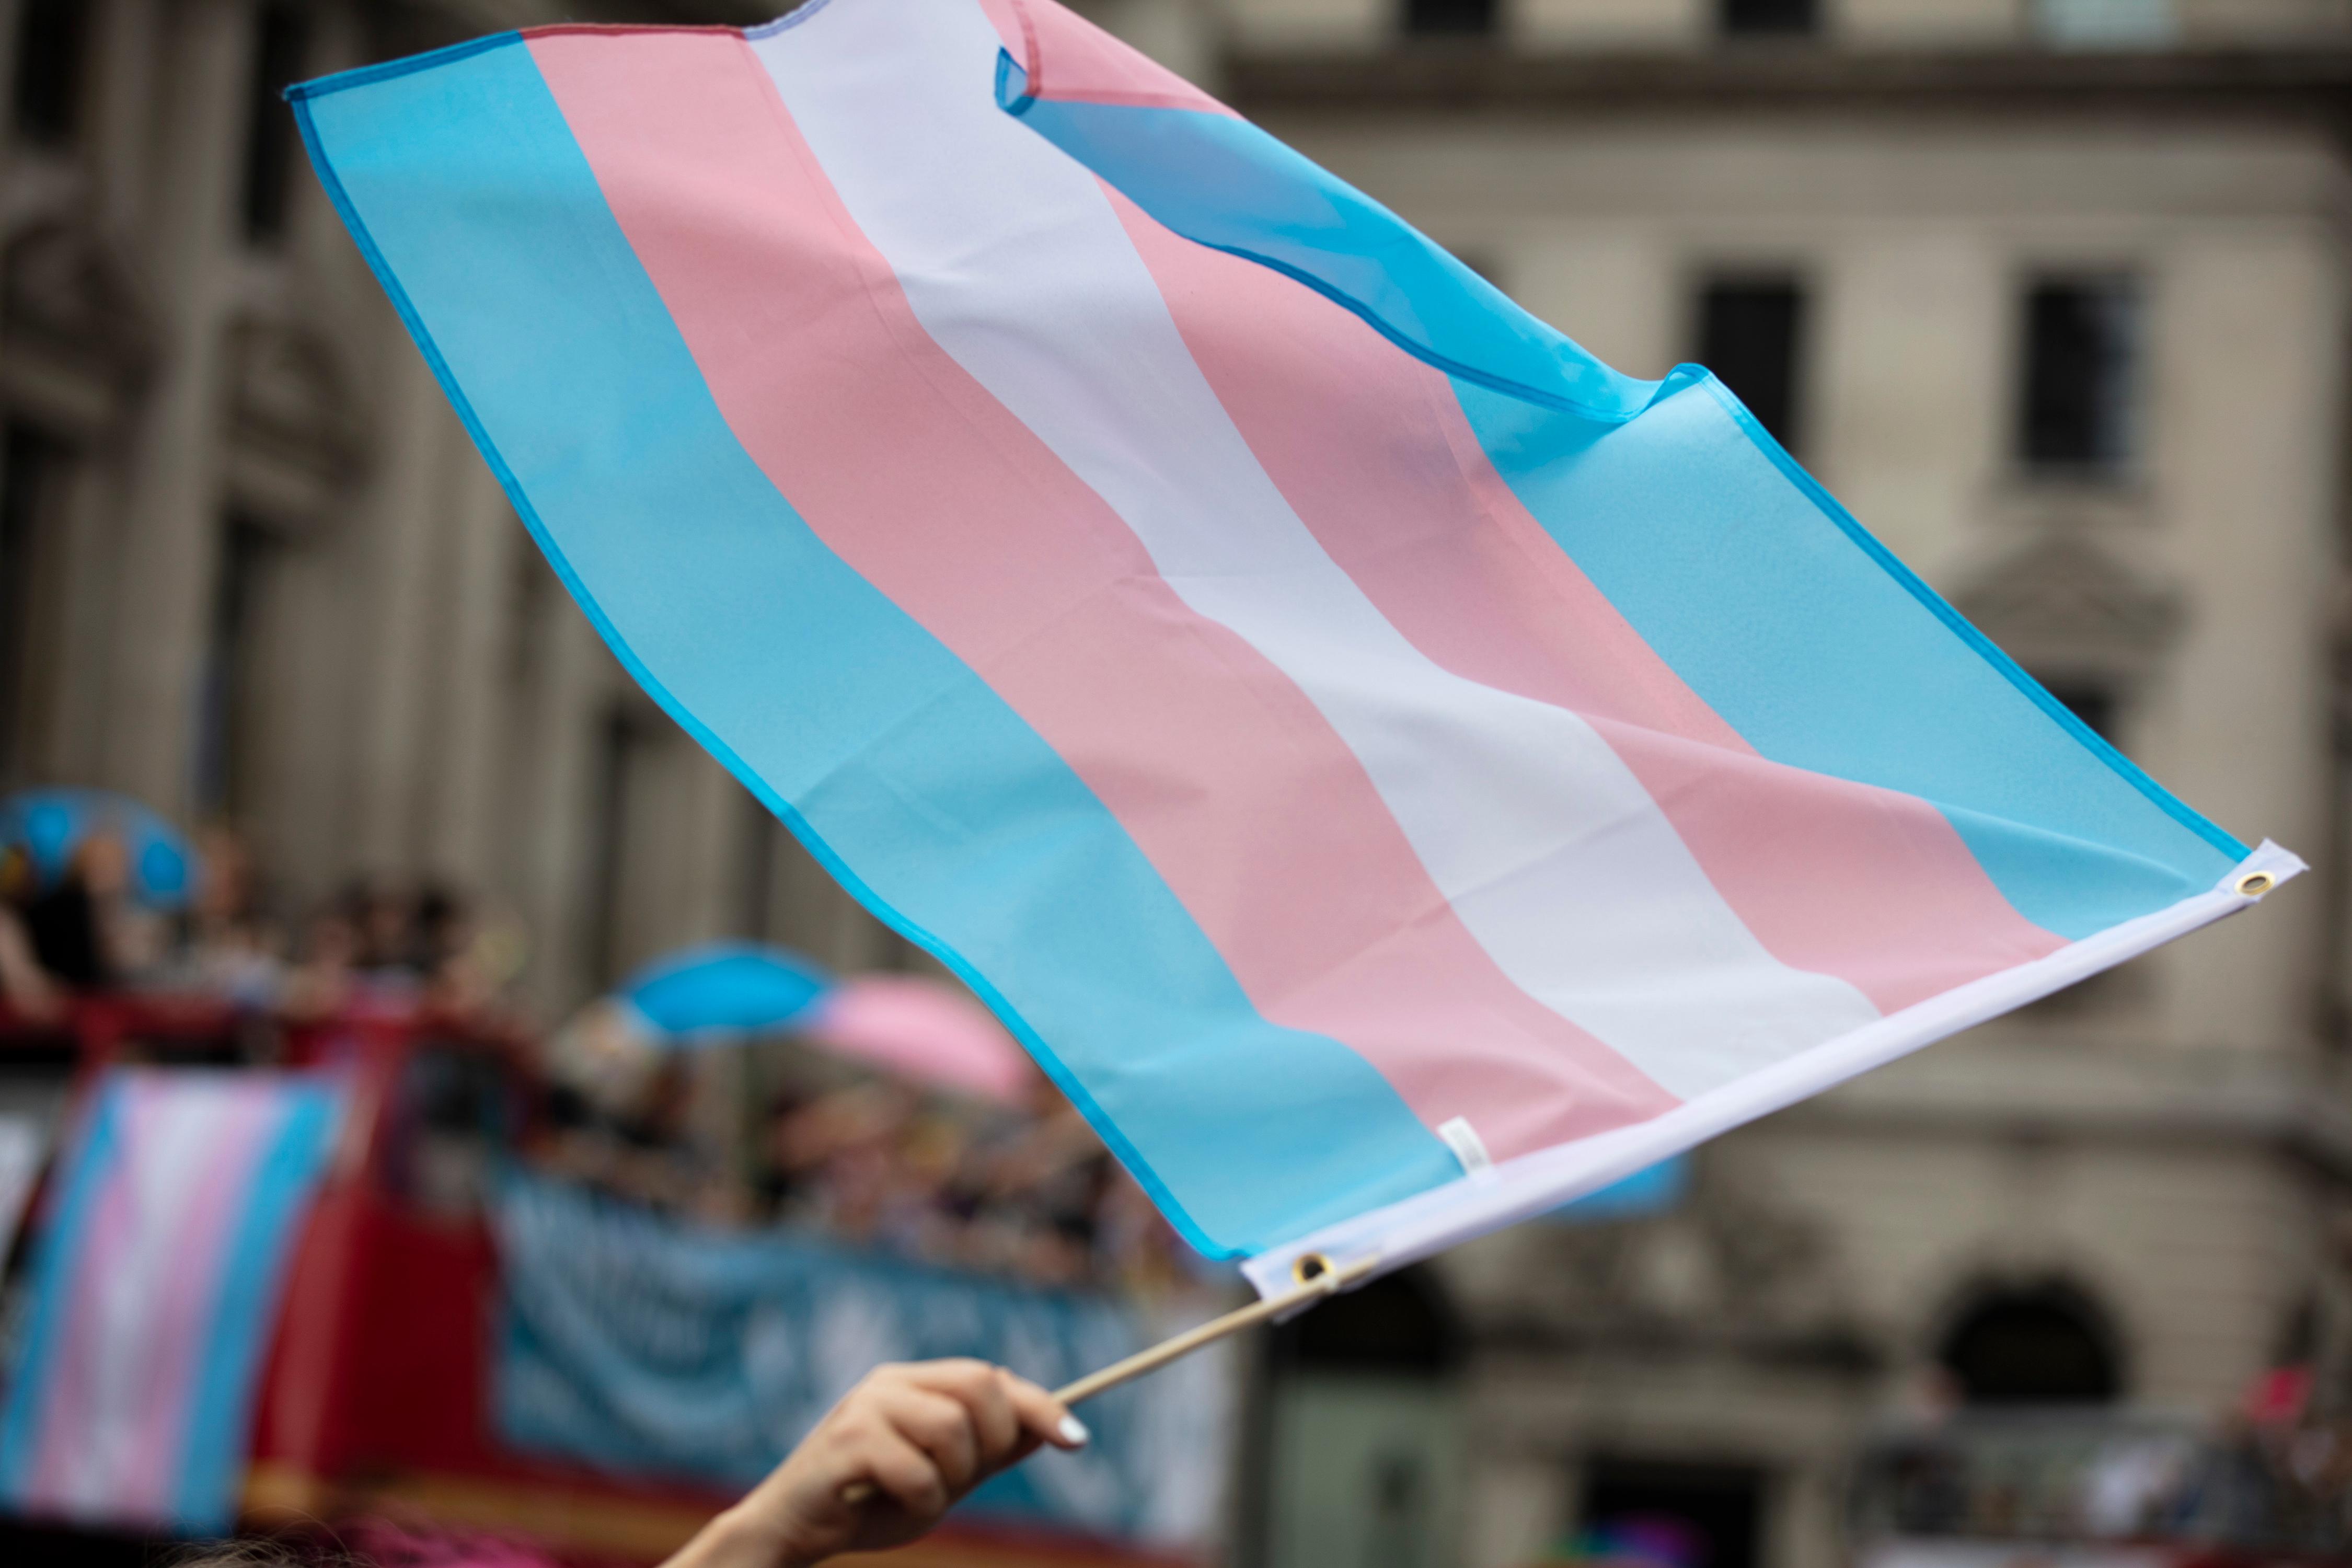 Texasul a adoptat un proiect de lege care interzice fetelor transgender să participe la activităţi sportive şcolare